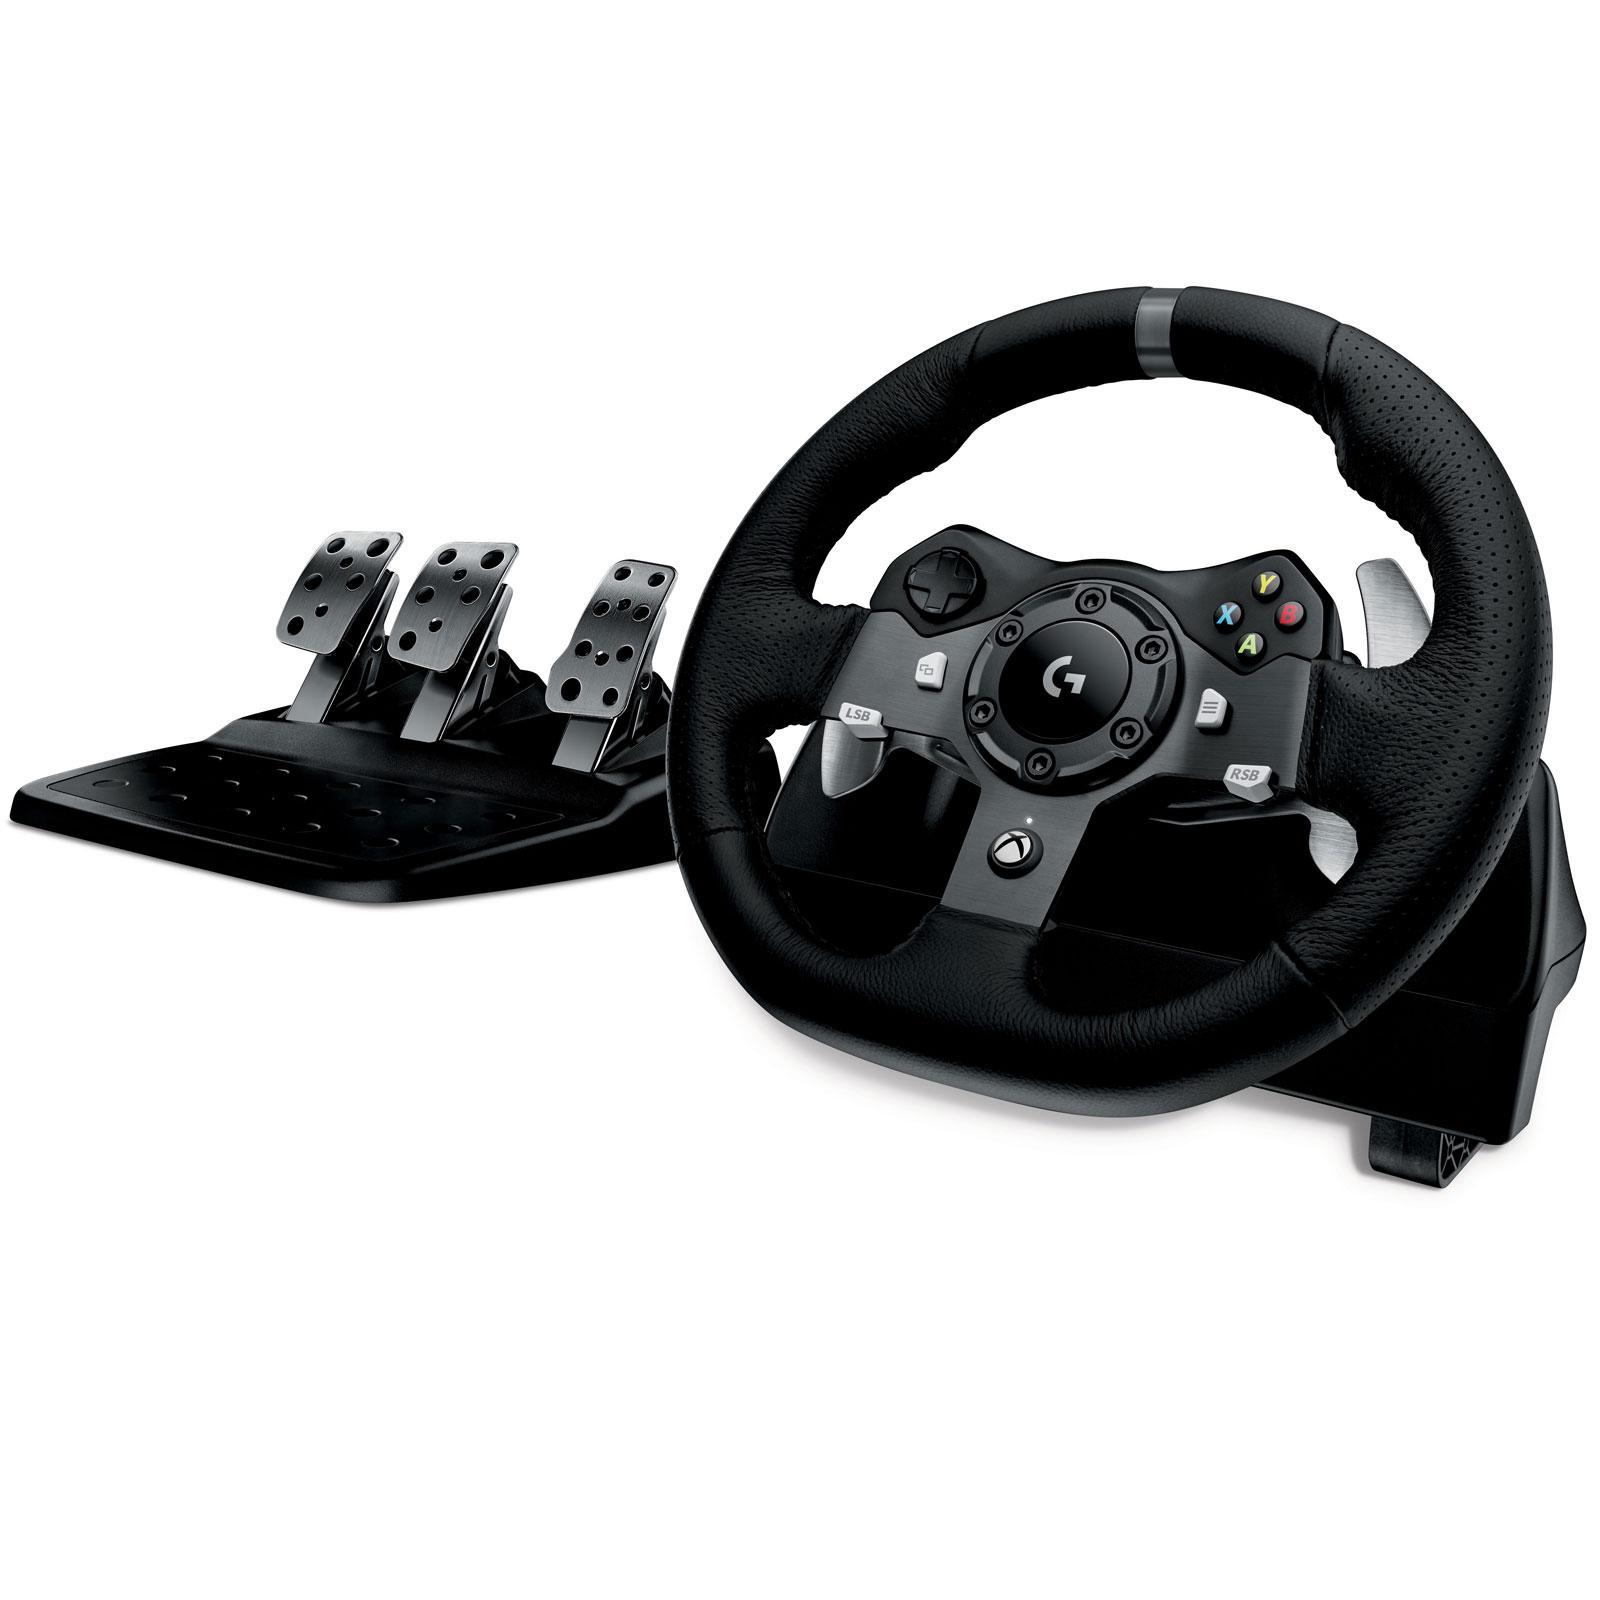 Volant et pédalier Logitech G920 Driving Force Racing Wheel pour Xbox One et PC